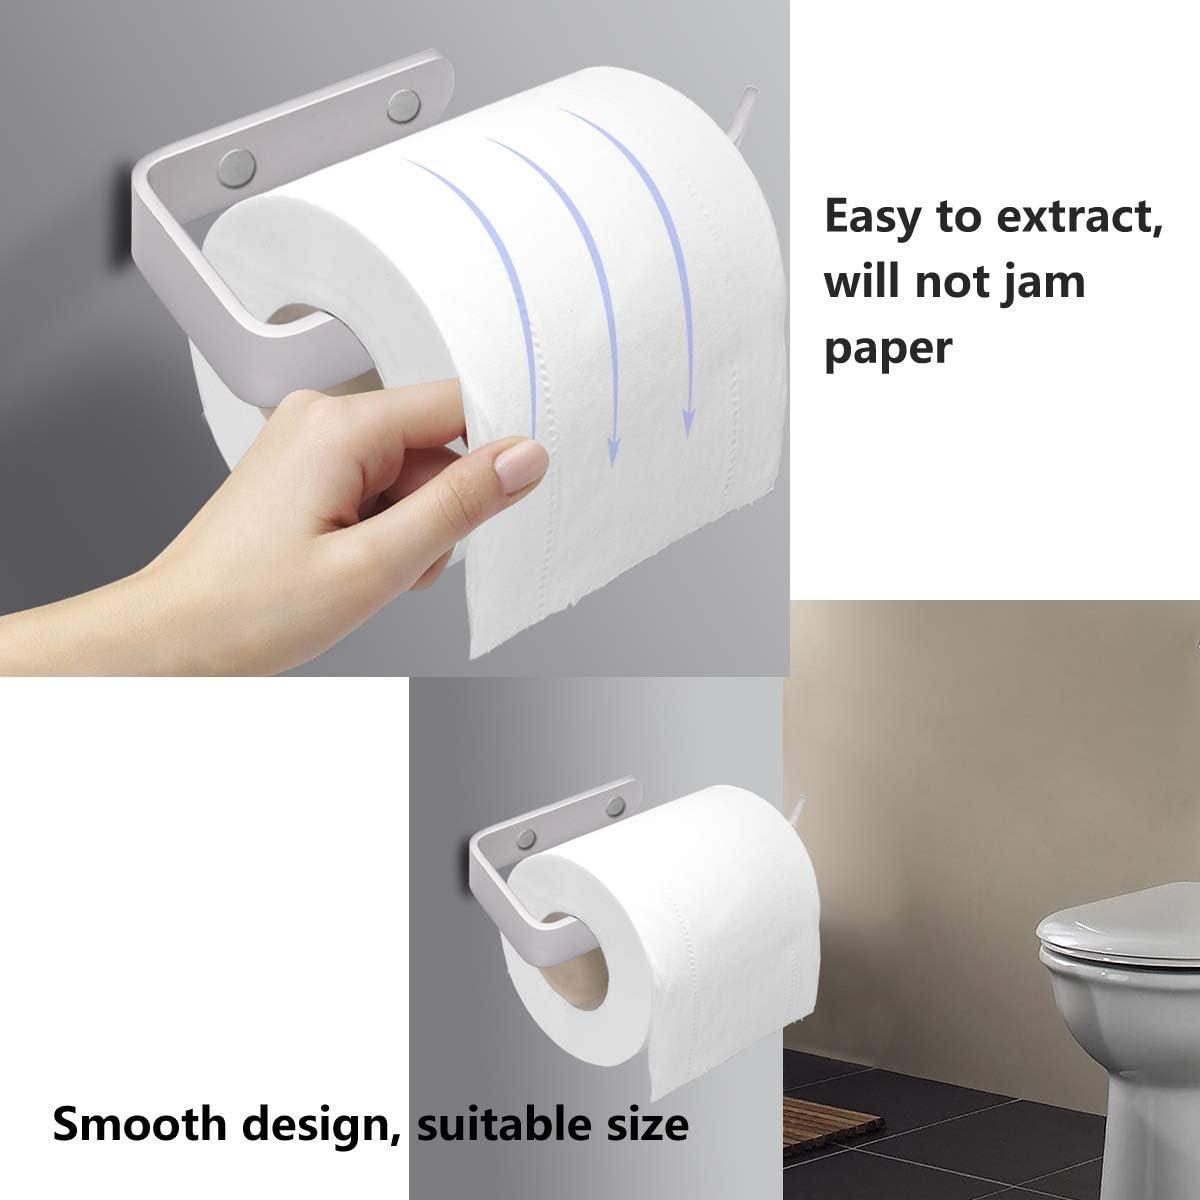 WC Klorollenhalter HONZUEN Toilettenpapierhalter Ohne Bohren Schwarz Badezimmer Nagelfreier Klebstoff und 3M Selbstklebend Klopapierhalter f/ür Waschr/äume K/üchen